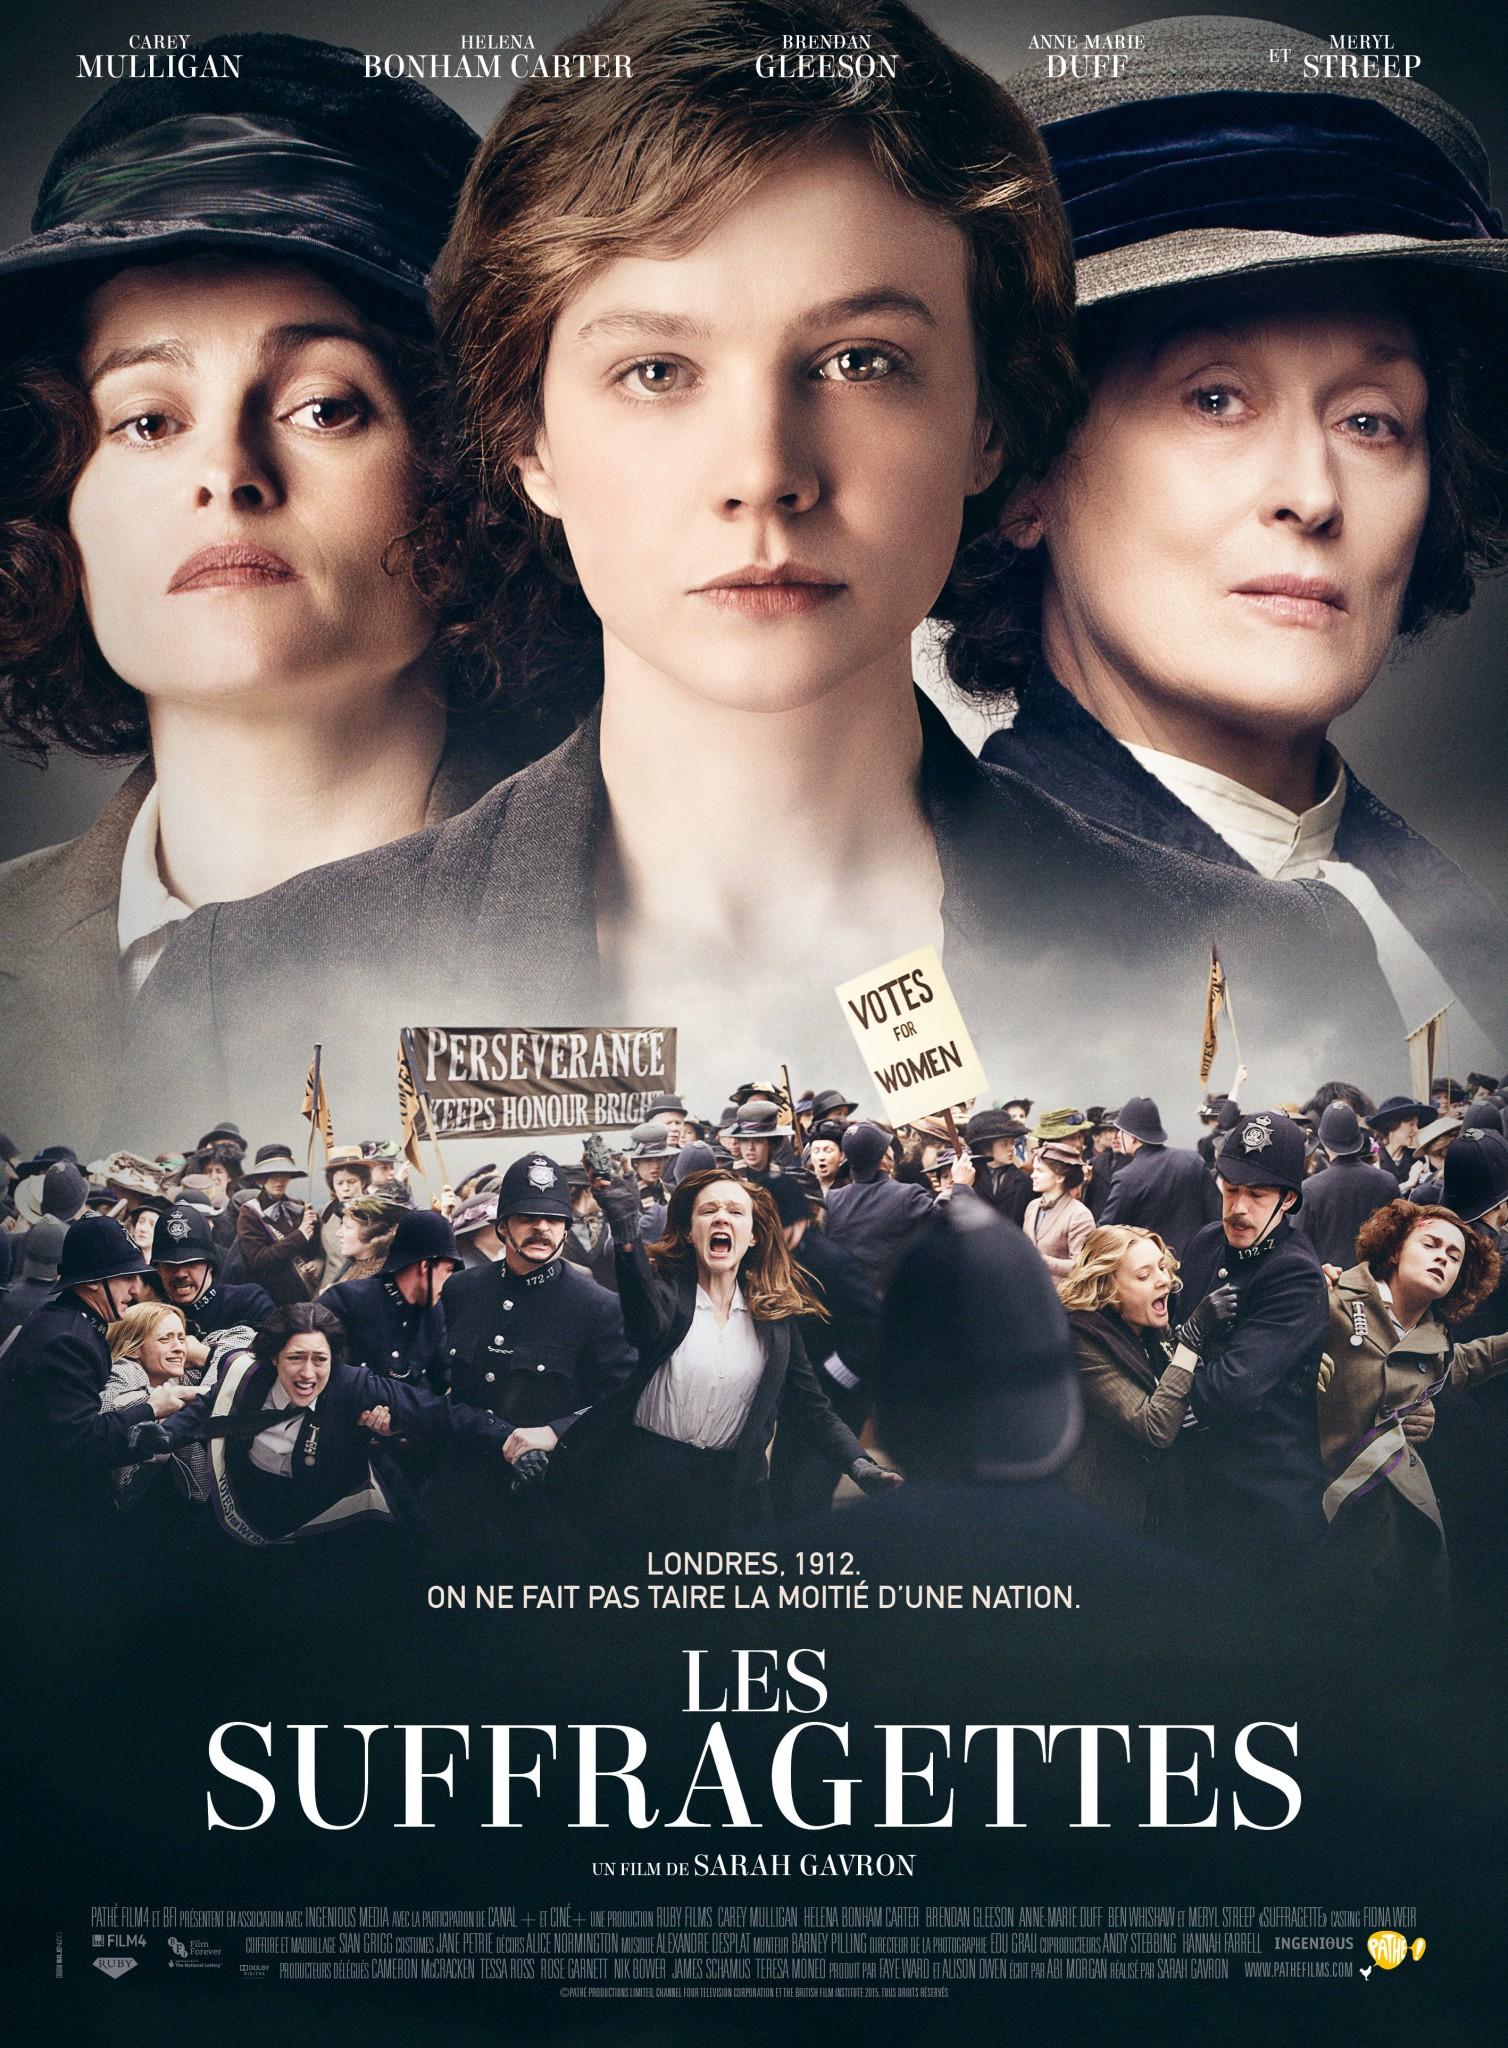 """Critique / """"Les Suffragettes"""" (2014) : quand les femmes se font entendre ! 2 image"""